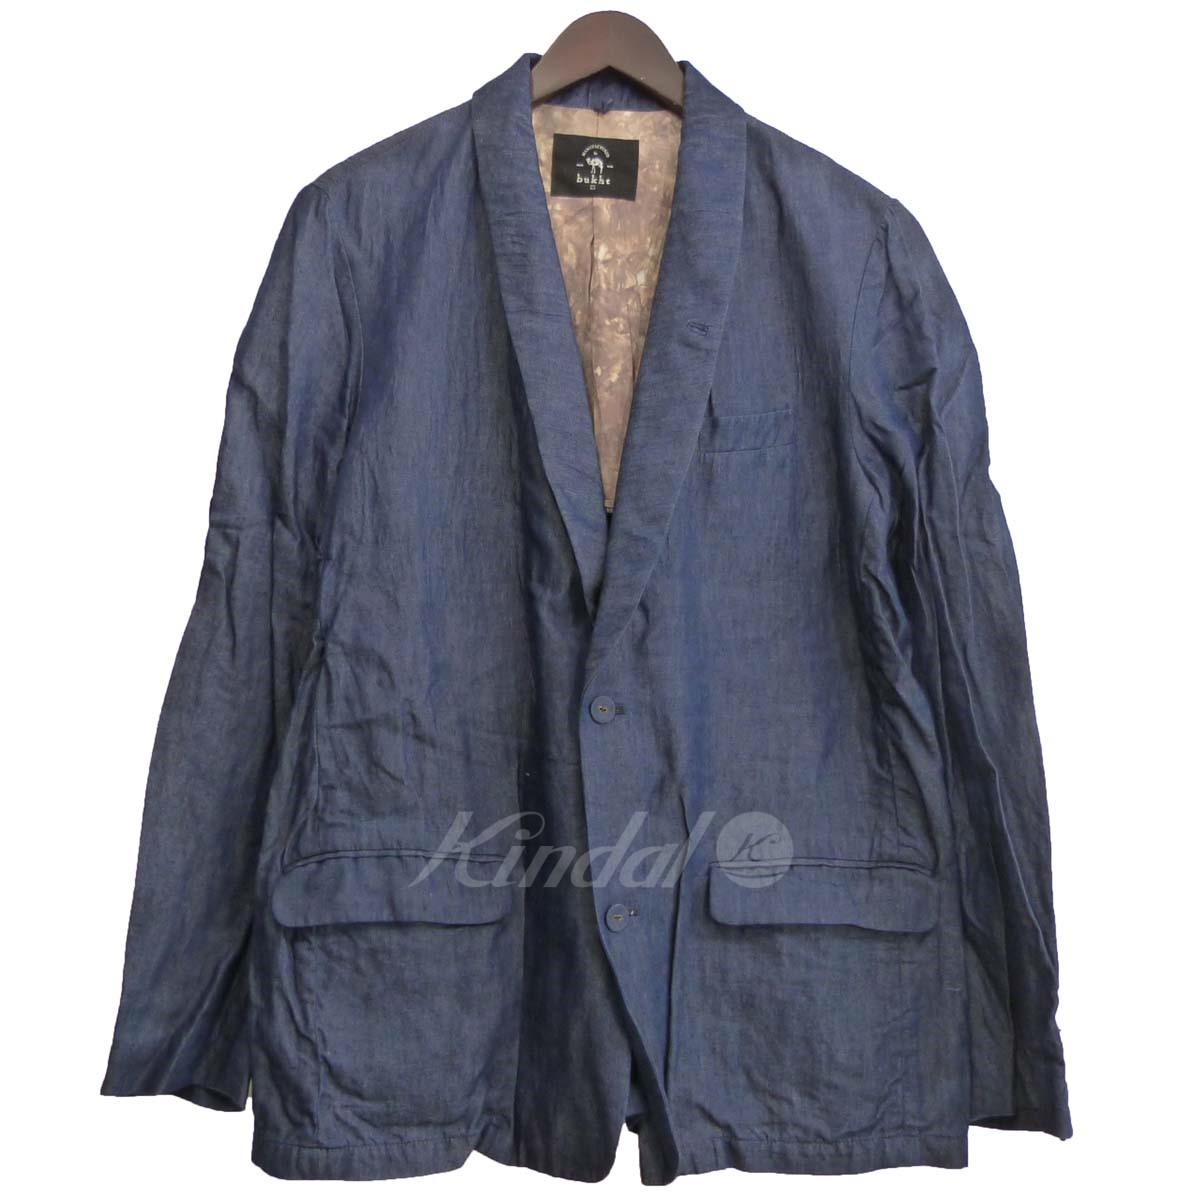 【中古】bukht ショールカラー2Bセットアップスーツ ネイビー サイズ:1 【送料無料】 【151218】(ブフト)